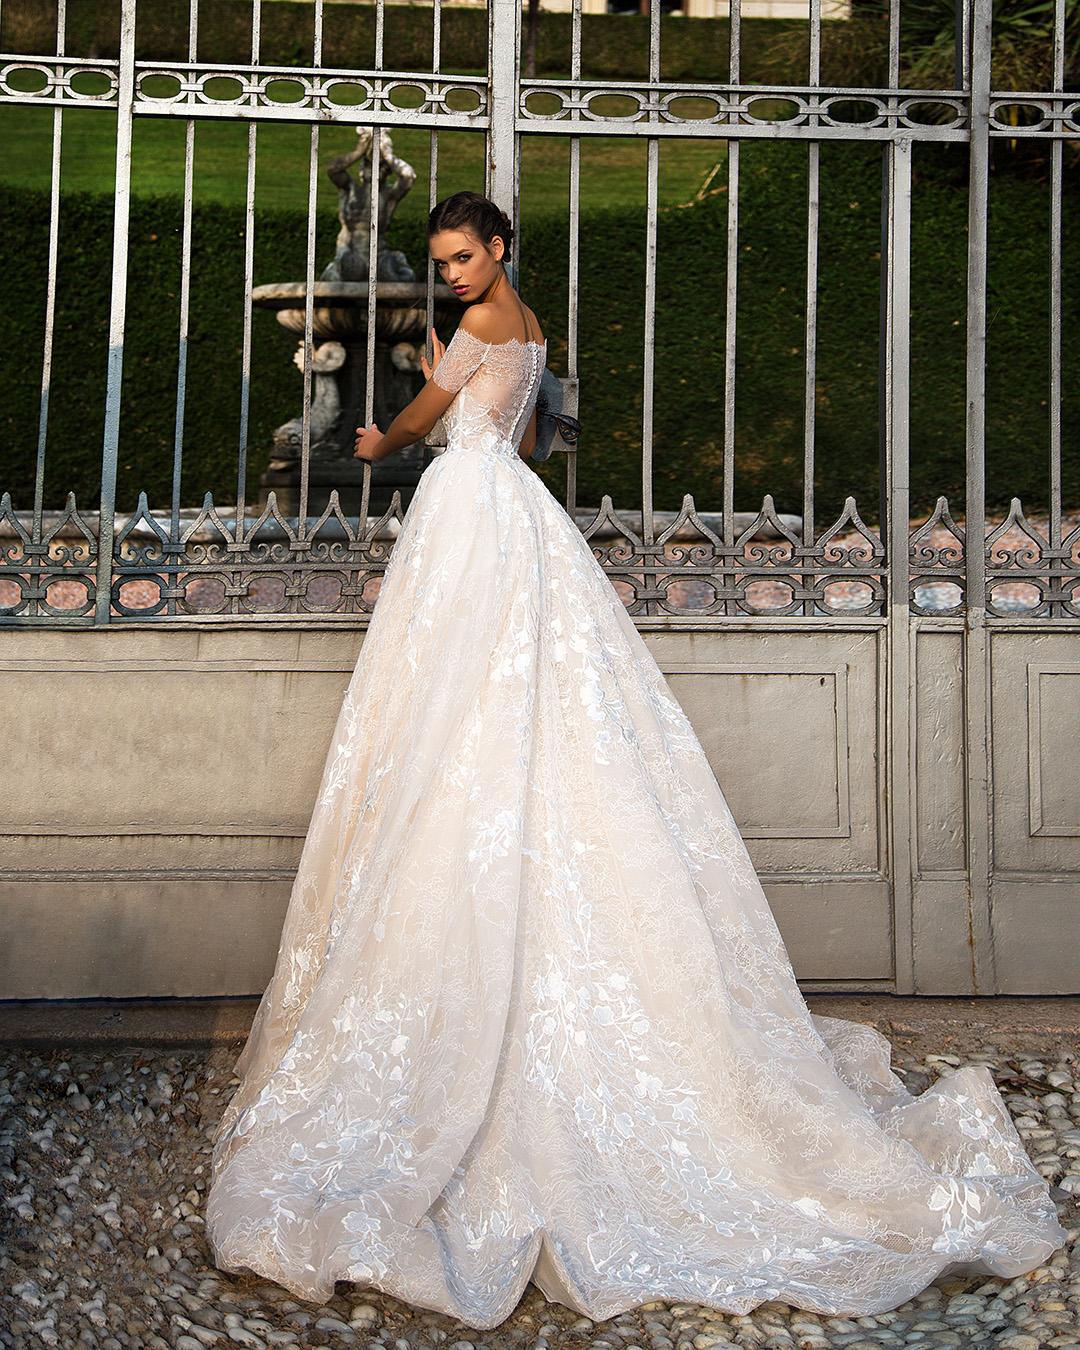 Millanova adalla abiti da sposa il giardino della sposa - Il giardino della sposa ...